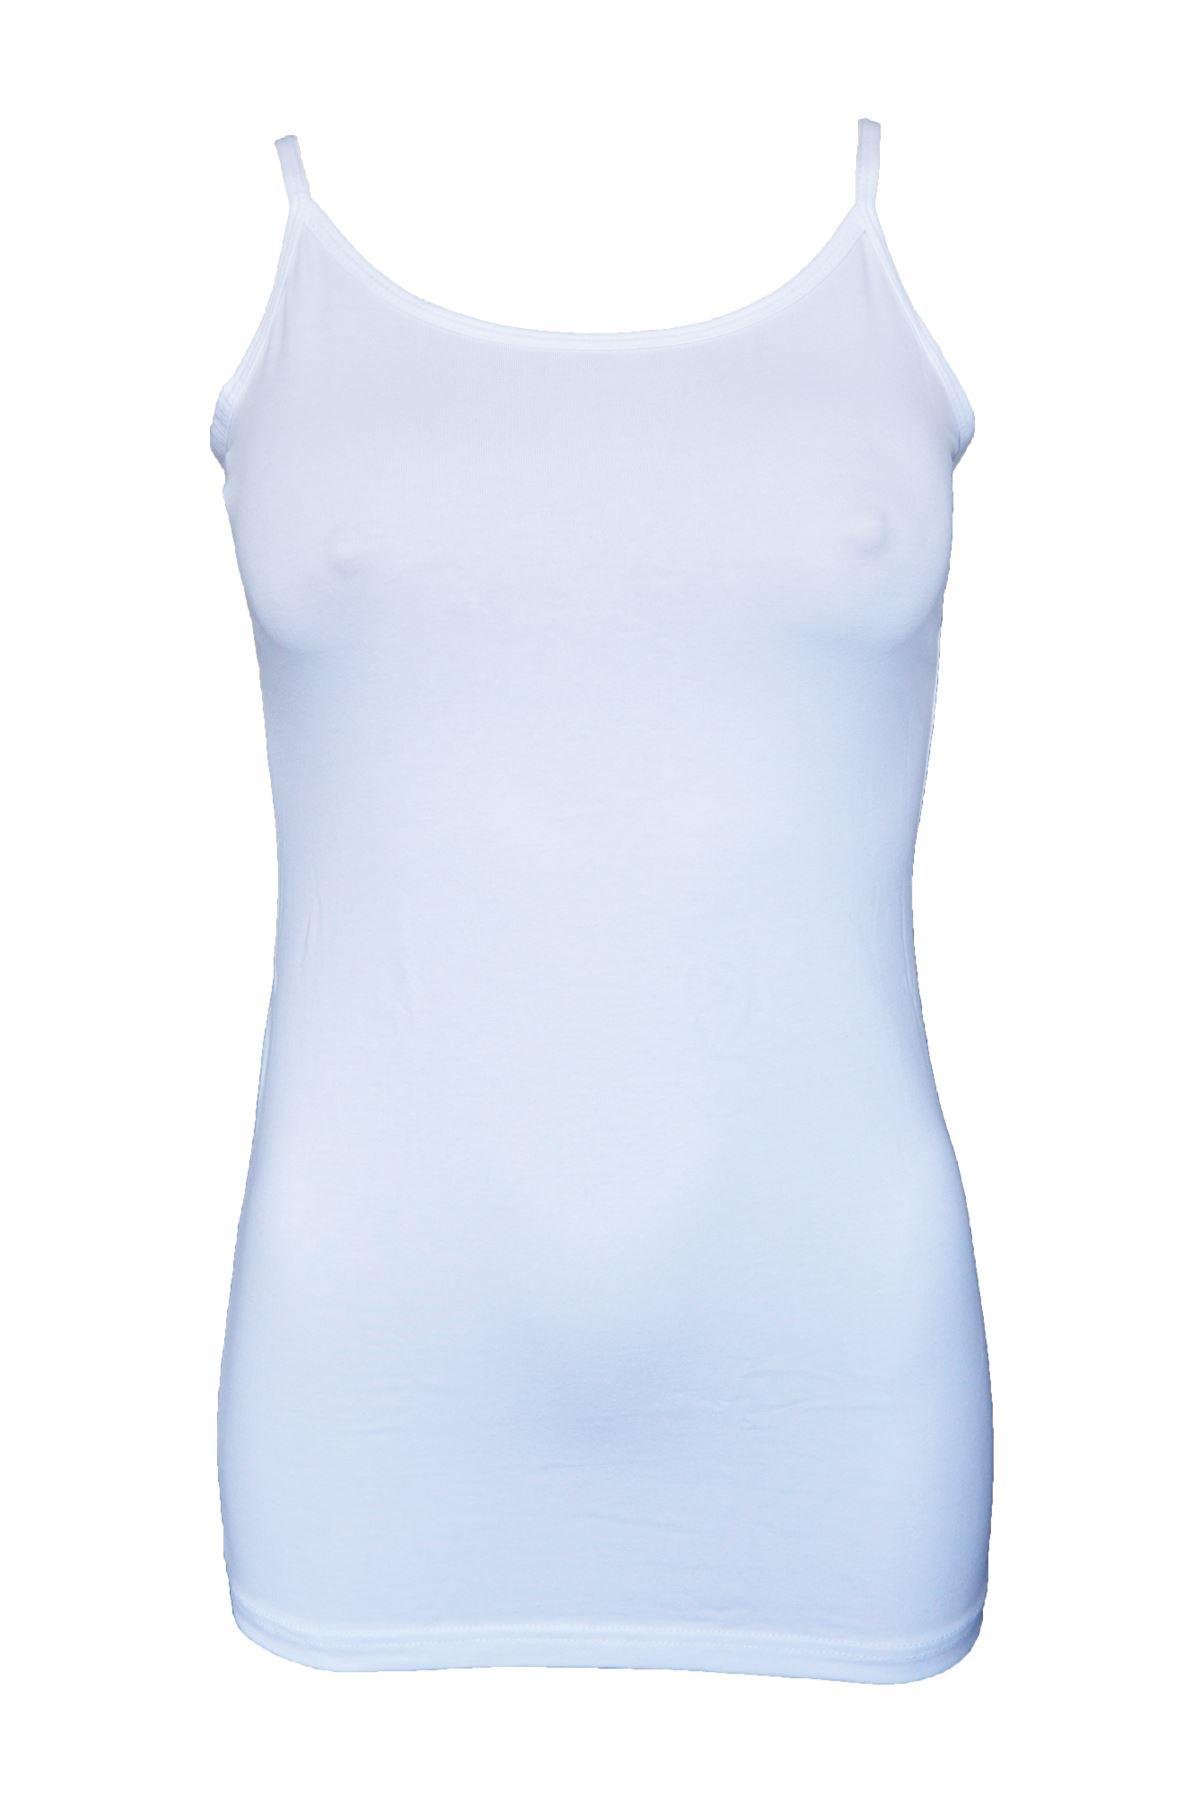 Beyaz Kadın İp Askılı Uzun Modal Atlet 144